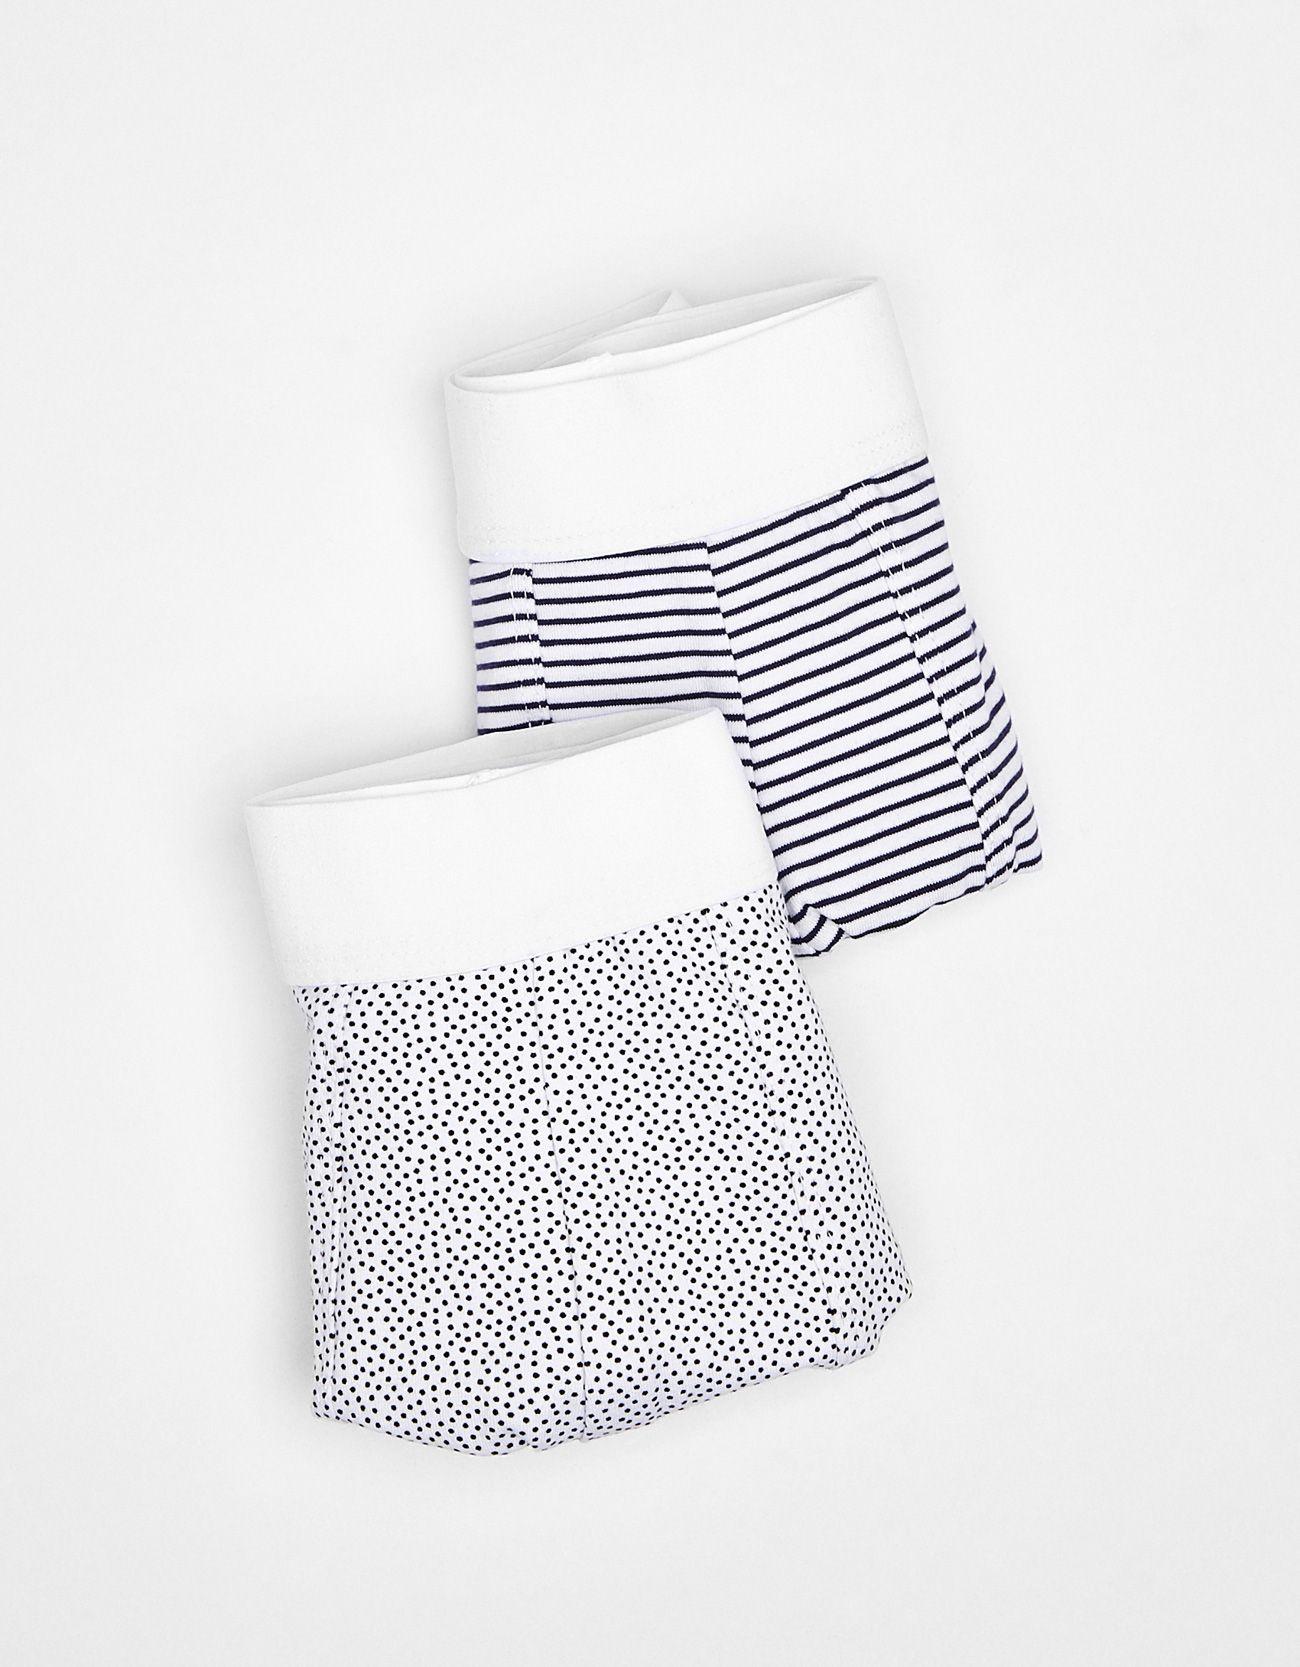 Pack 2 boxer rayas y topos. Descubre ésta y muchas otras prendas en Bershka  con nuevos productos cada semana 2c996d4894cd